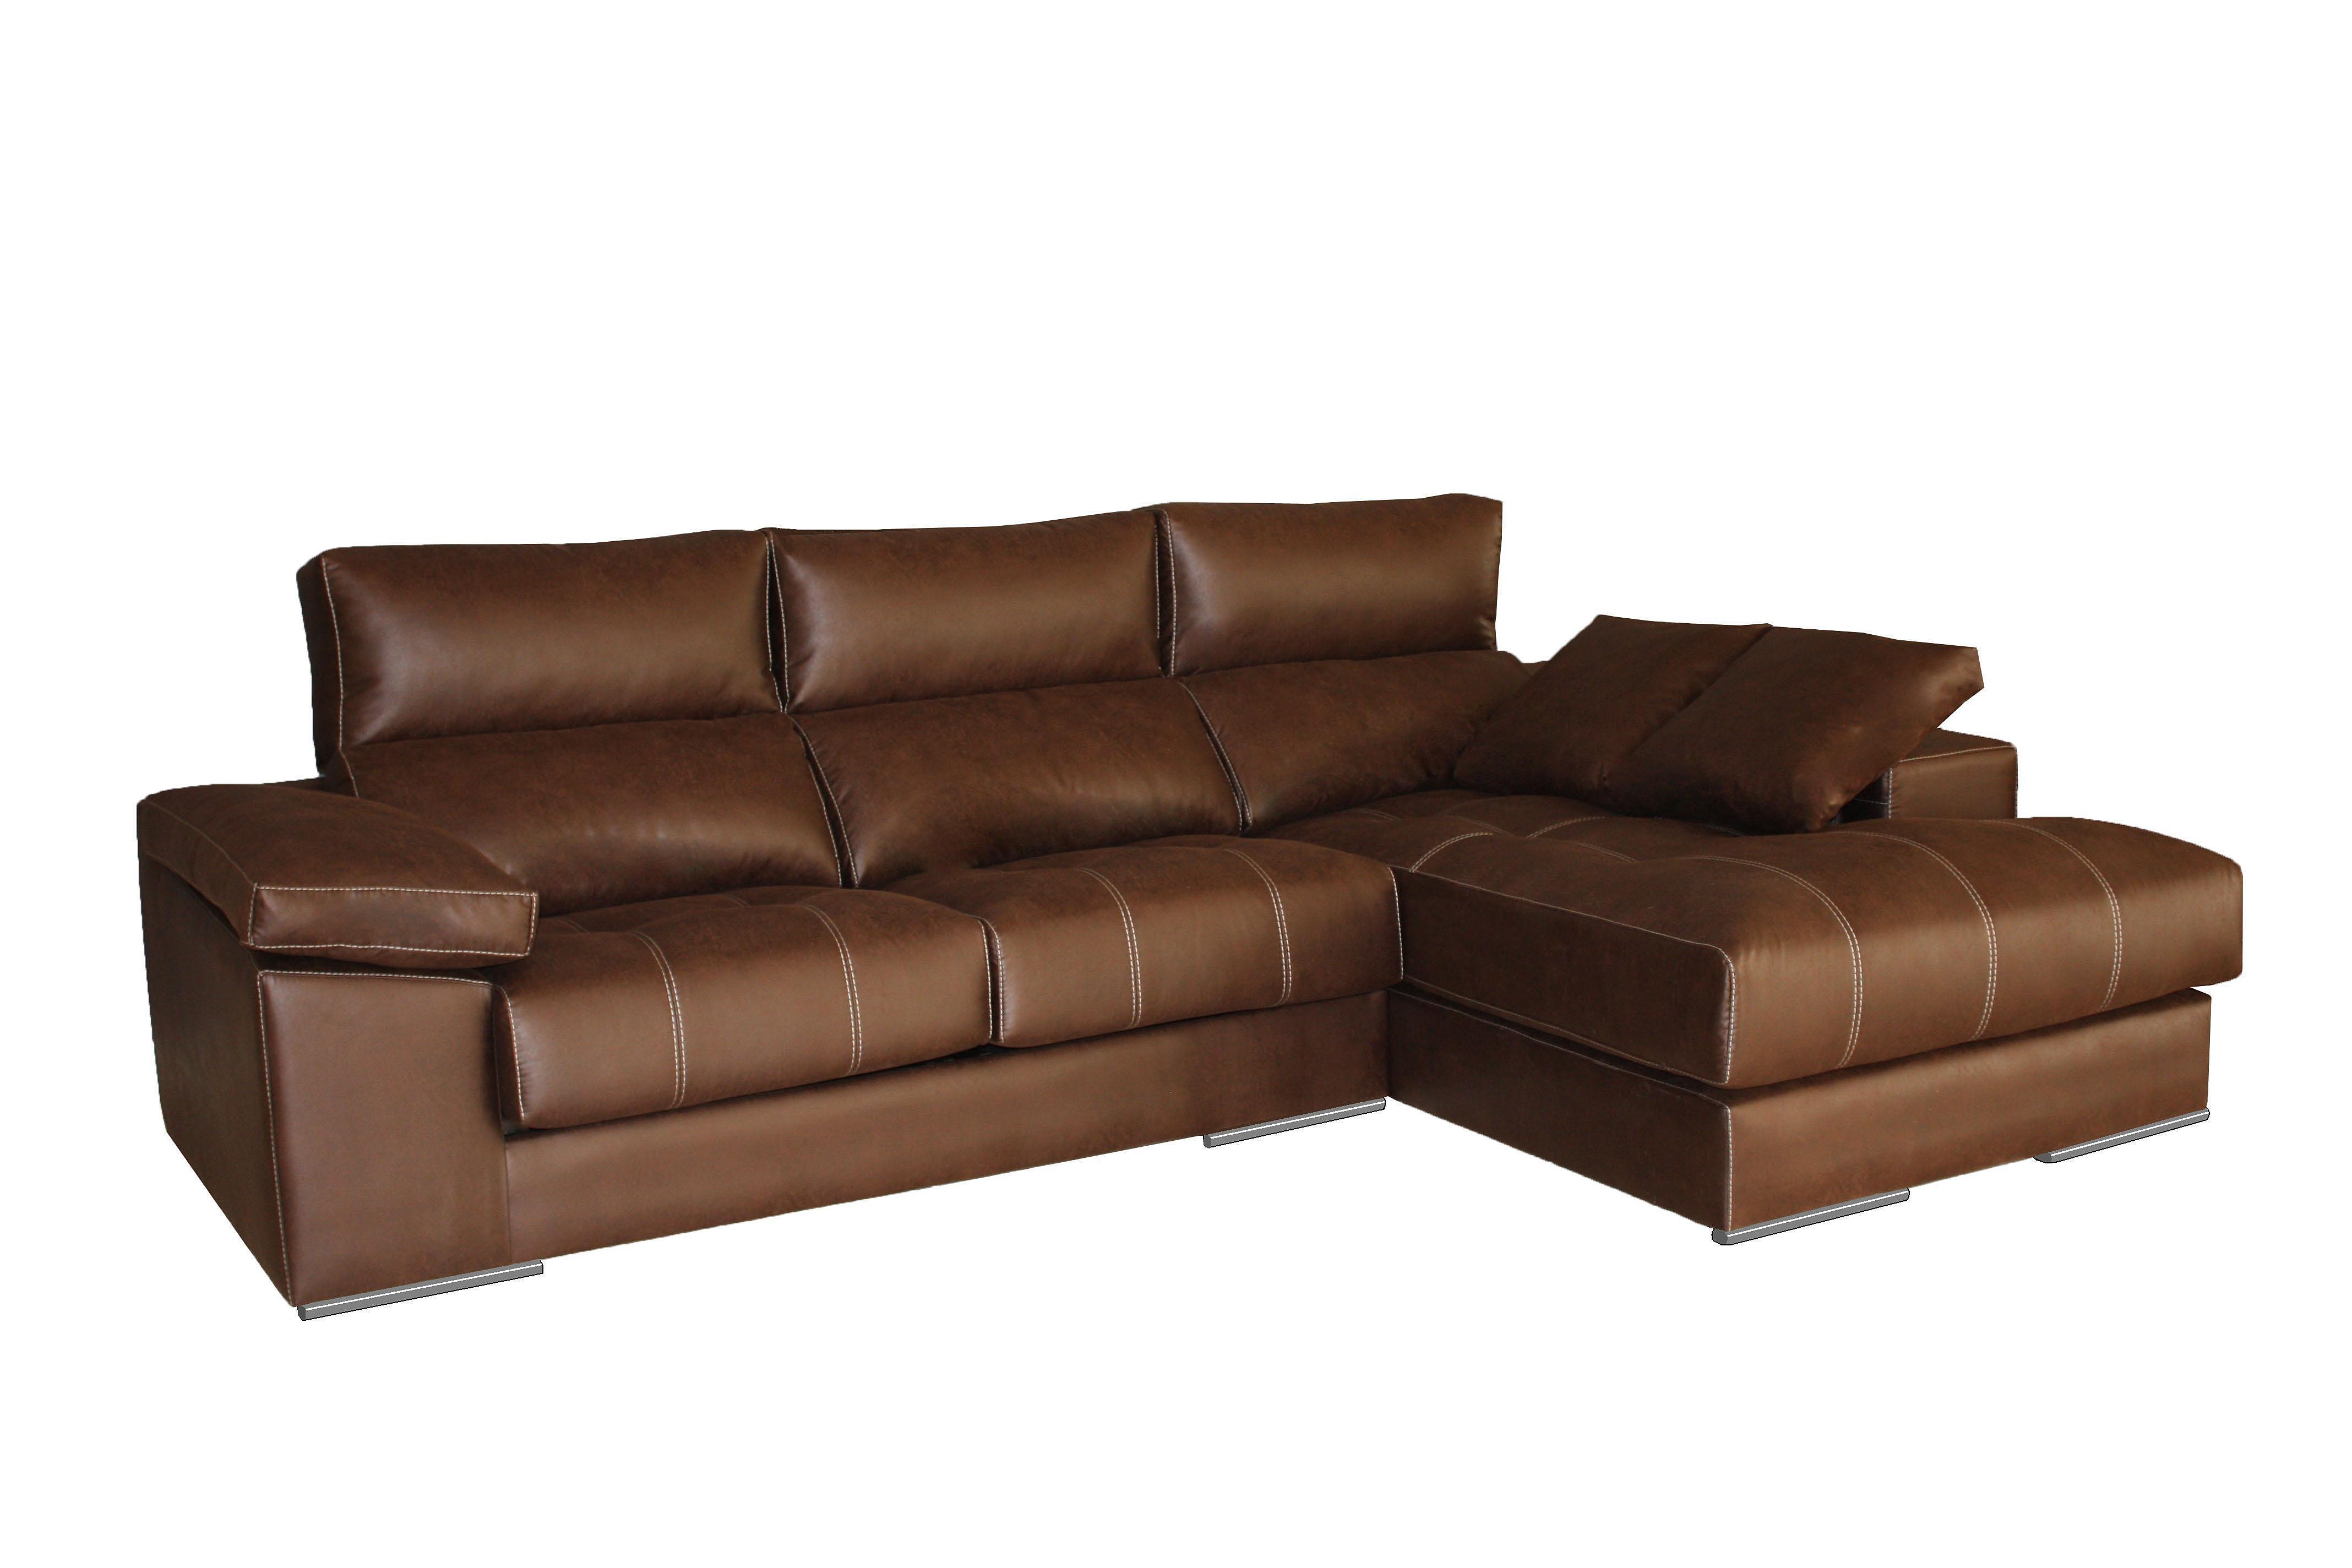 Sofass la s nia sof s en la s nia algeciras Liner 4 50 x 1 20